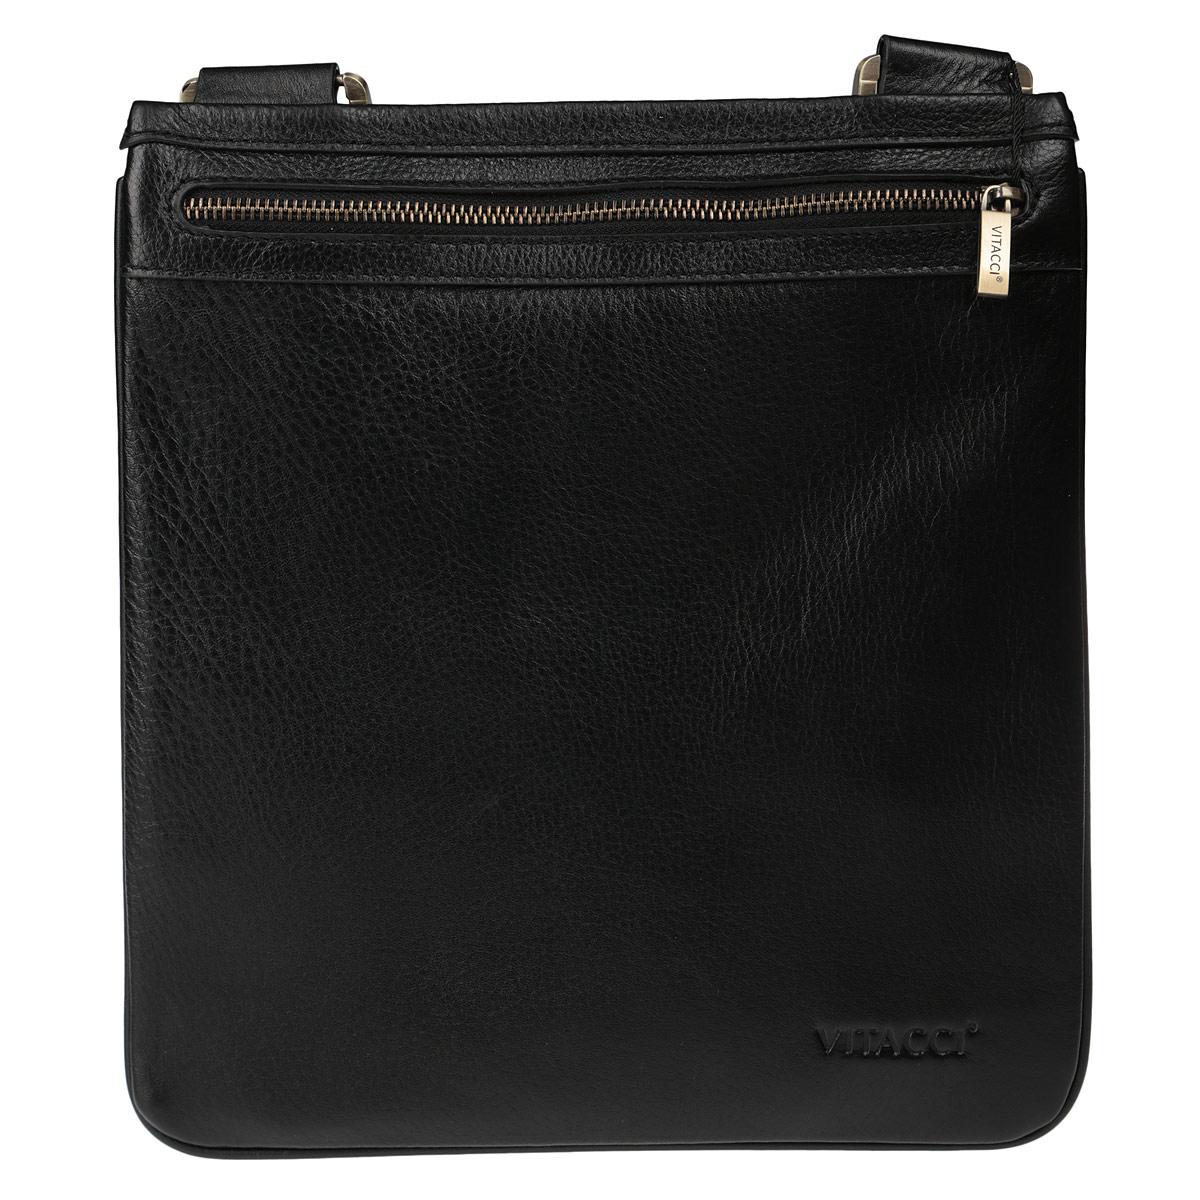 Сумка мужская Vitacci, цвет: черный. LB0038LB0038Стильная мужская сумка Vitacci выполнена из натуральной кожи и оформлена тиснением в виде логотипа бренда. Модель состоит из одного большого отделения, застегивающегося на застежку-молнию. Плечевой ремень регулируется по длине. Отличная модель, которая подчеркнет ваш образ.